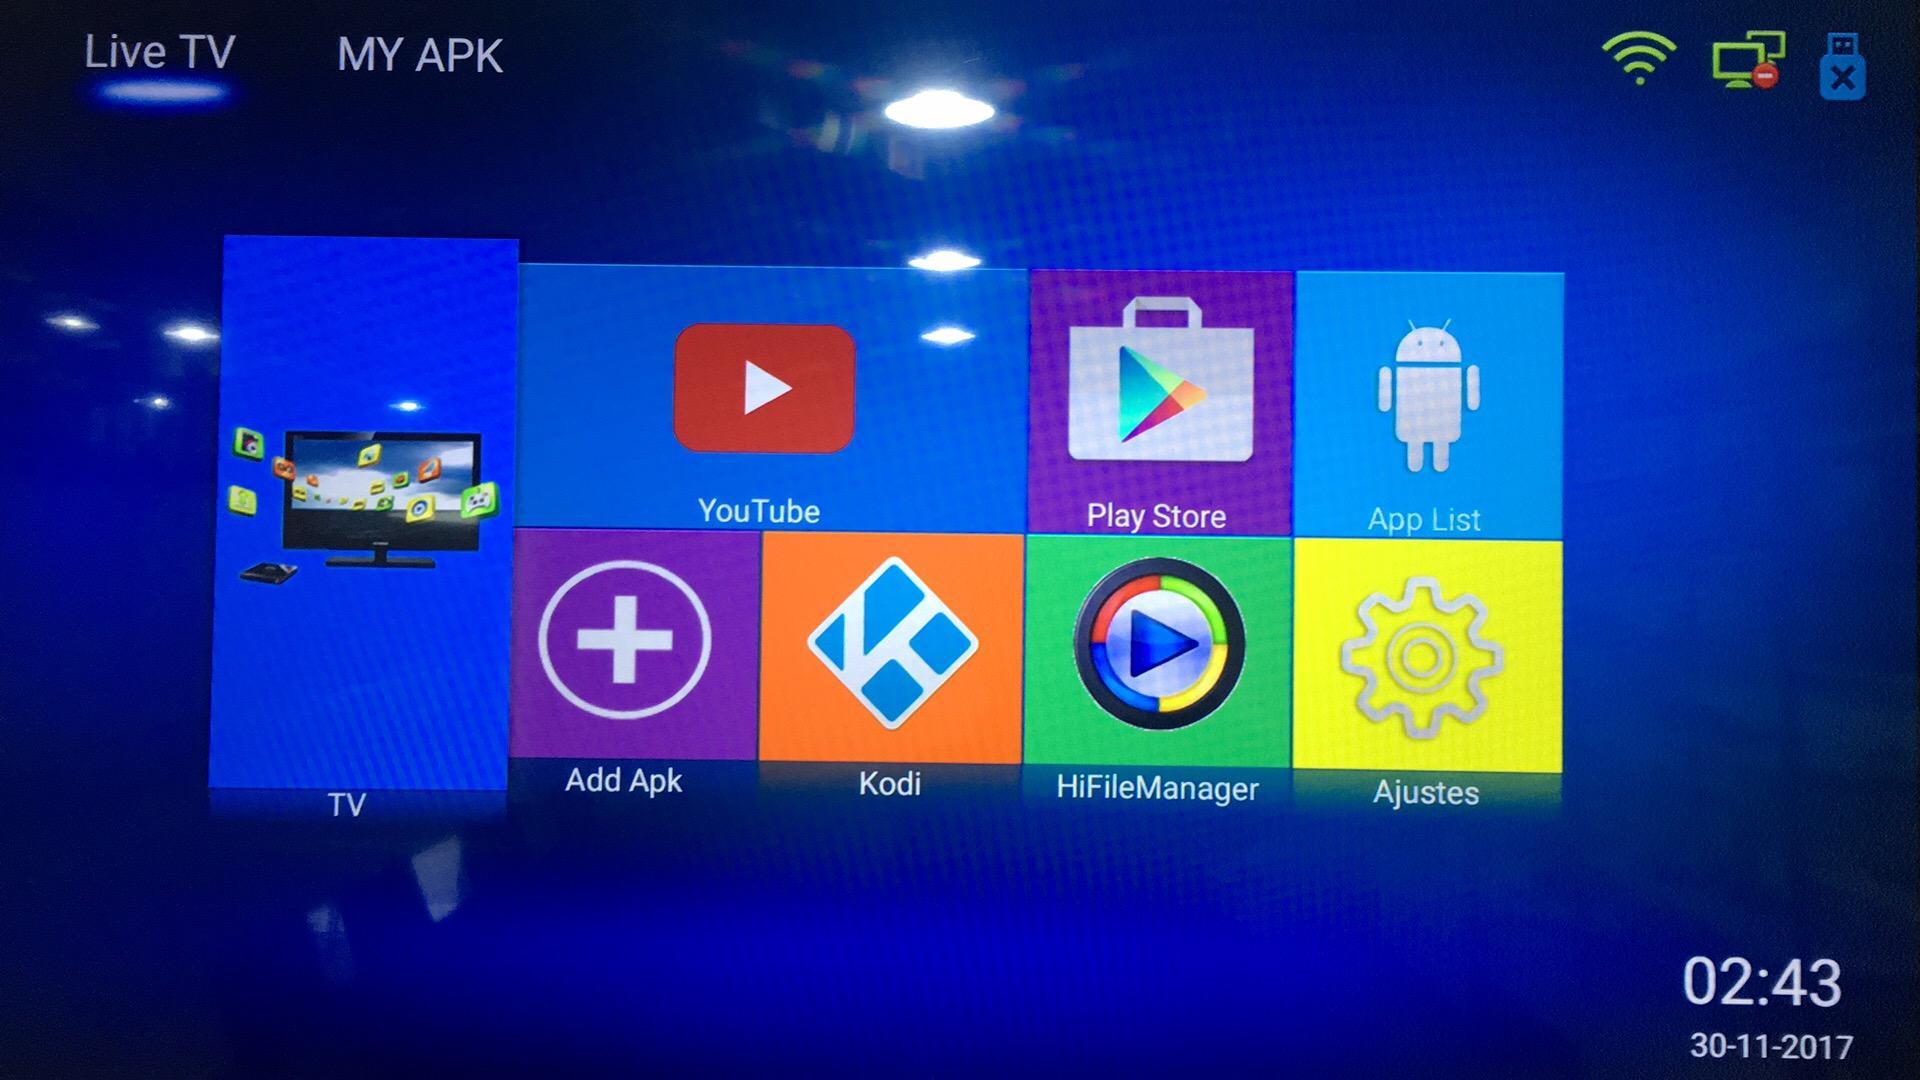 廠家直銷安卓超高清巴西IPTV V8 PLUS DVB-S2接收機帶半年服務 7